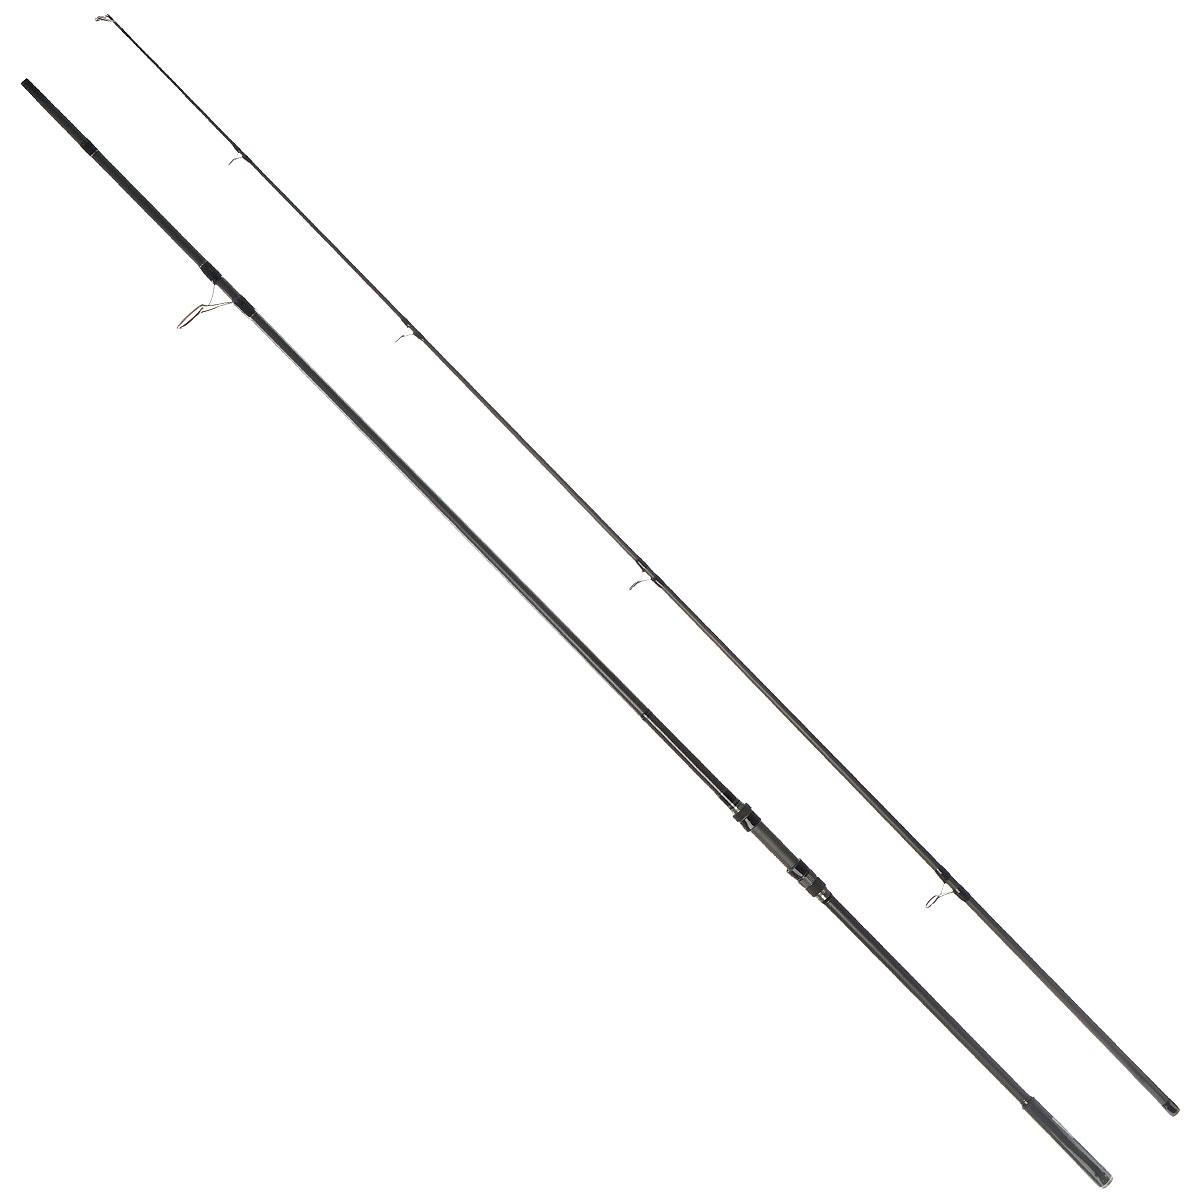 Удилище карповое Daiwa Windcast Carp, 3,9 м, 5 lbs0038175Daiwa Windcast Carp - это высококлассное карповое удилище с феноменальными рабочими характеристиками. Особенности удилища: Бланки из высокомодульного графита обеспечивают высокую чувствительность и мощность. Армирующая графитовая оплетка по всей длине. Надежный катушкодержатель от Fuji Пропускные кольца со вставками Sic. Флуоресцентная полоска с подсветкой специально для ночной ловли. Поставляется в чехле для переноски и хранения. Тест: 5 lbs.